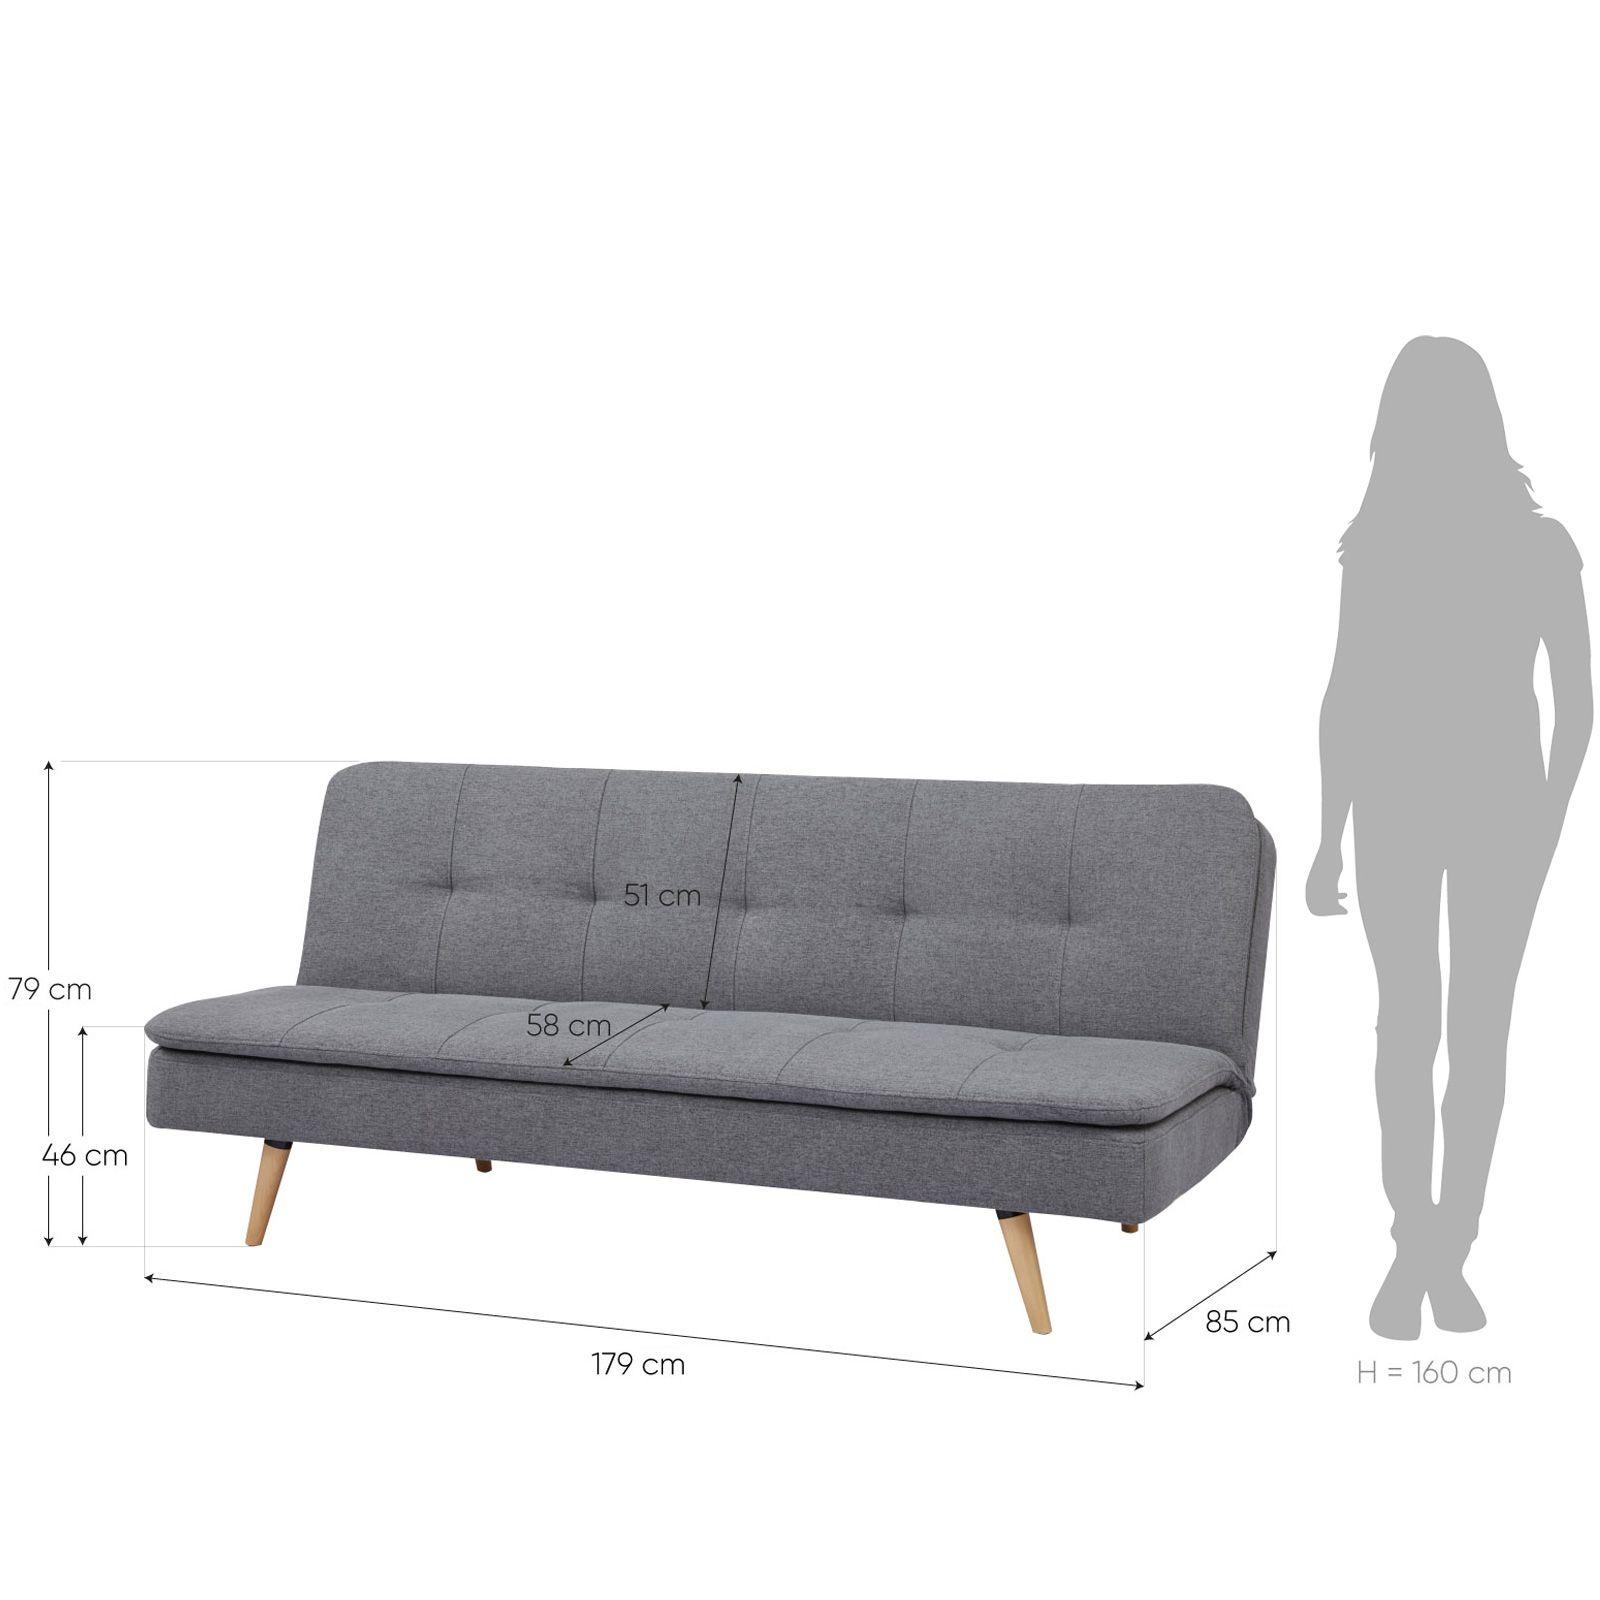 Canapé-lit tapissé en gris (178 x 85 x 79 cm)   Série Pergar